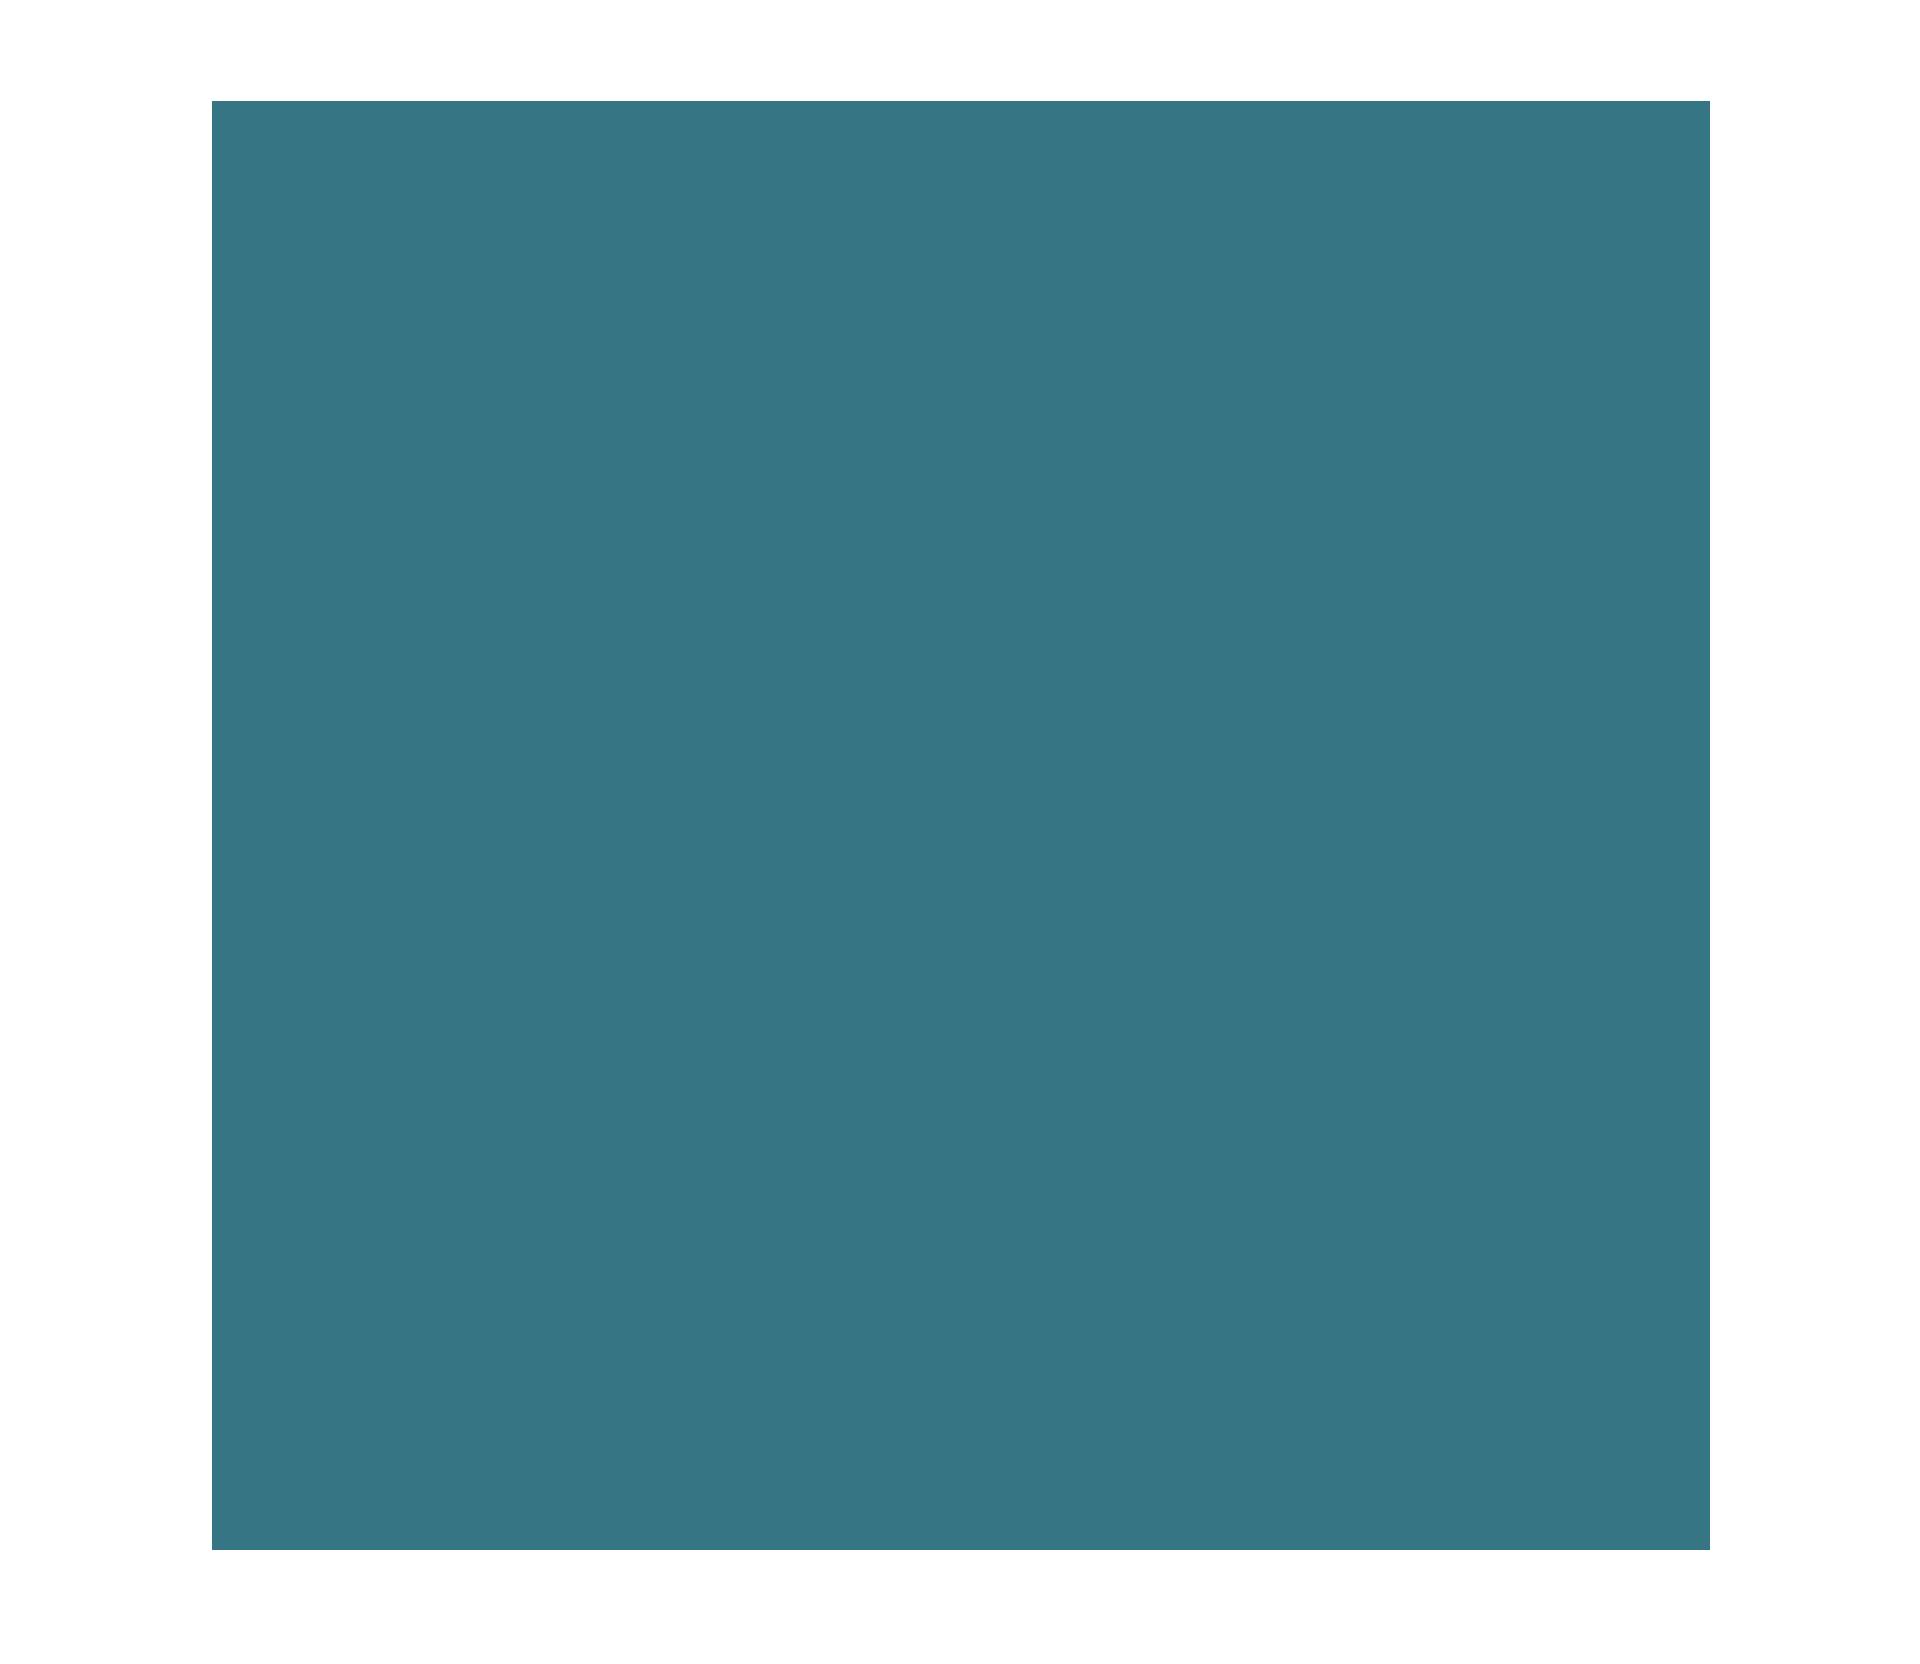 SELO Footprints